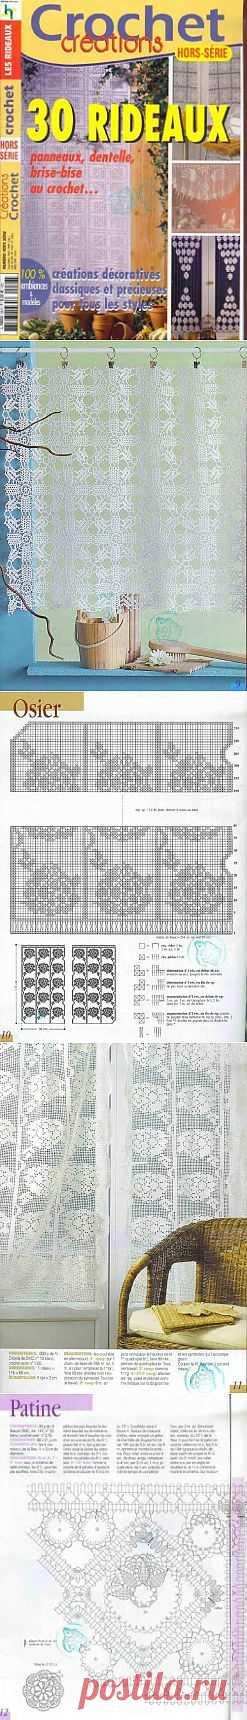 Crochet Creations - 30 rideaux panneaux, dentelle, brise-bise au crochet.